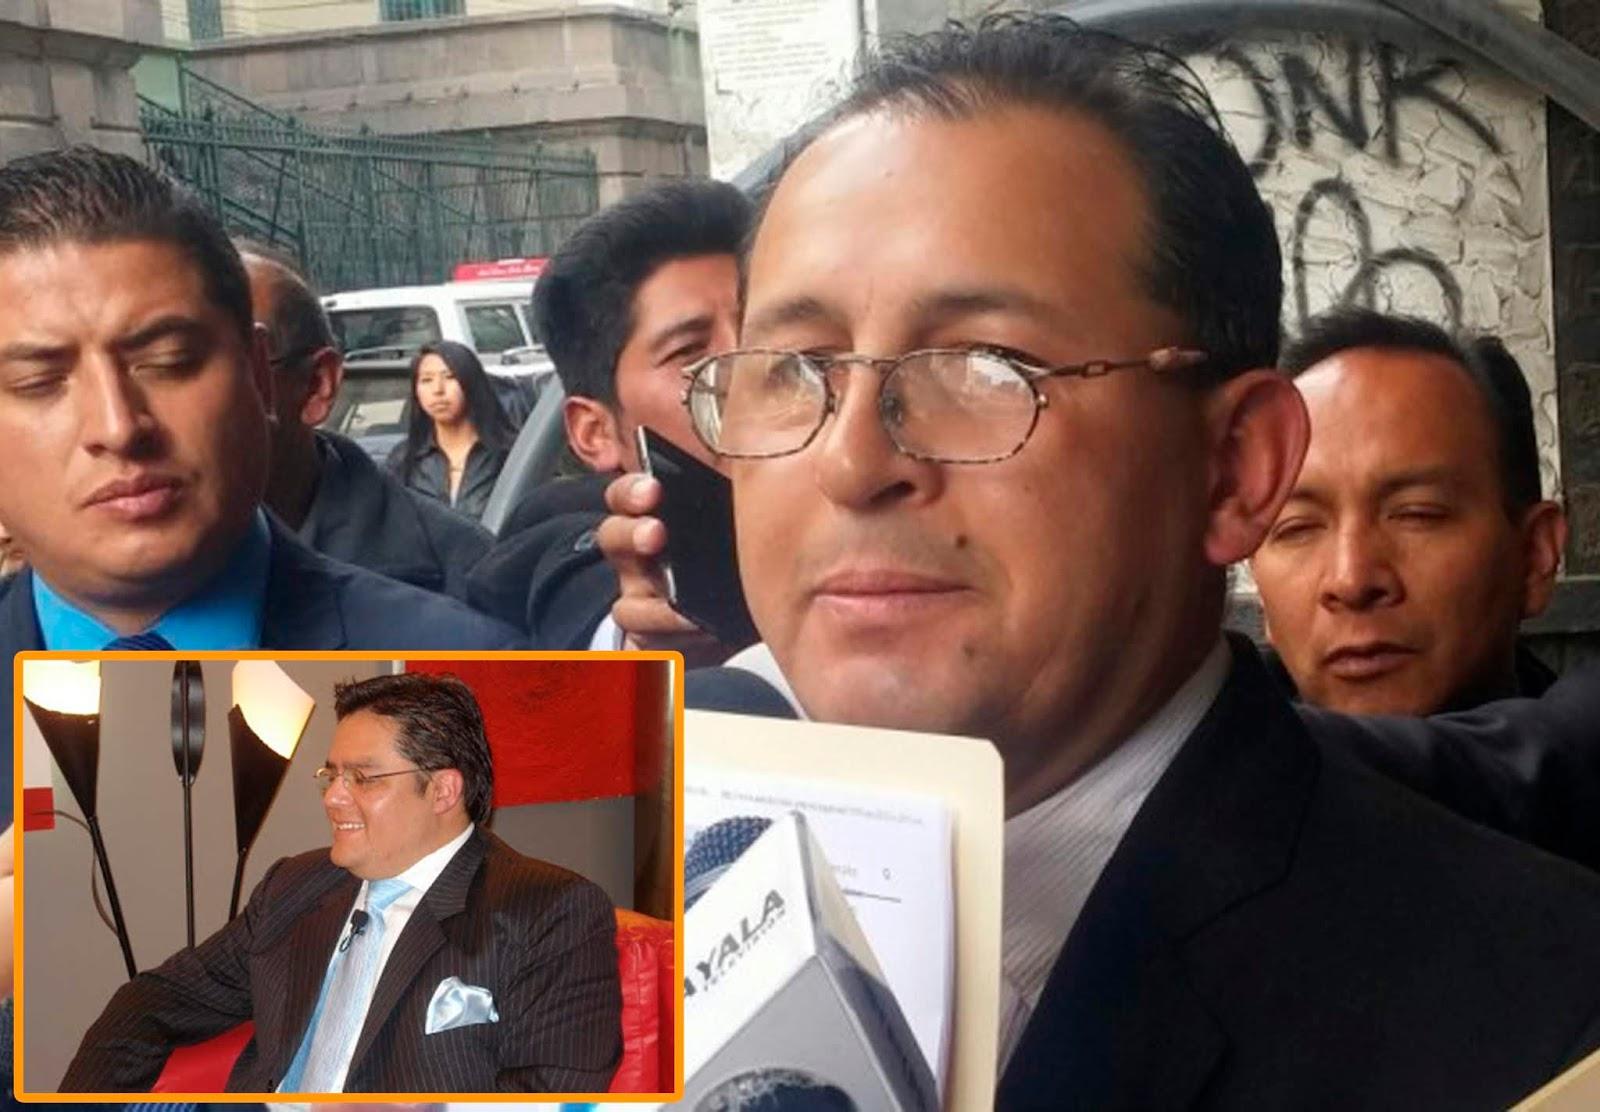 El ex alcalde interino cree que hubo beneficios para el conocido comunicador y empresario / WEB MONTAJE